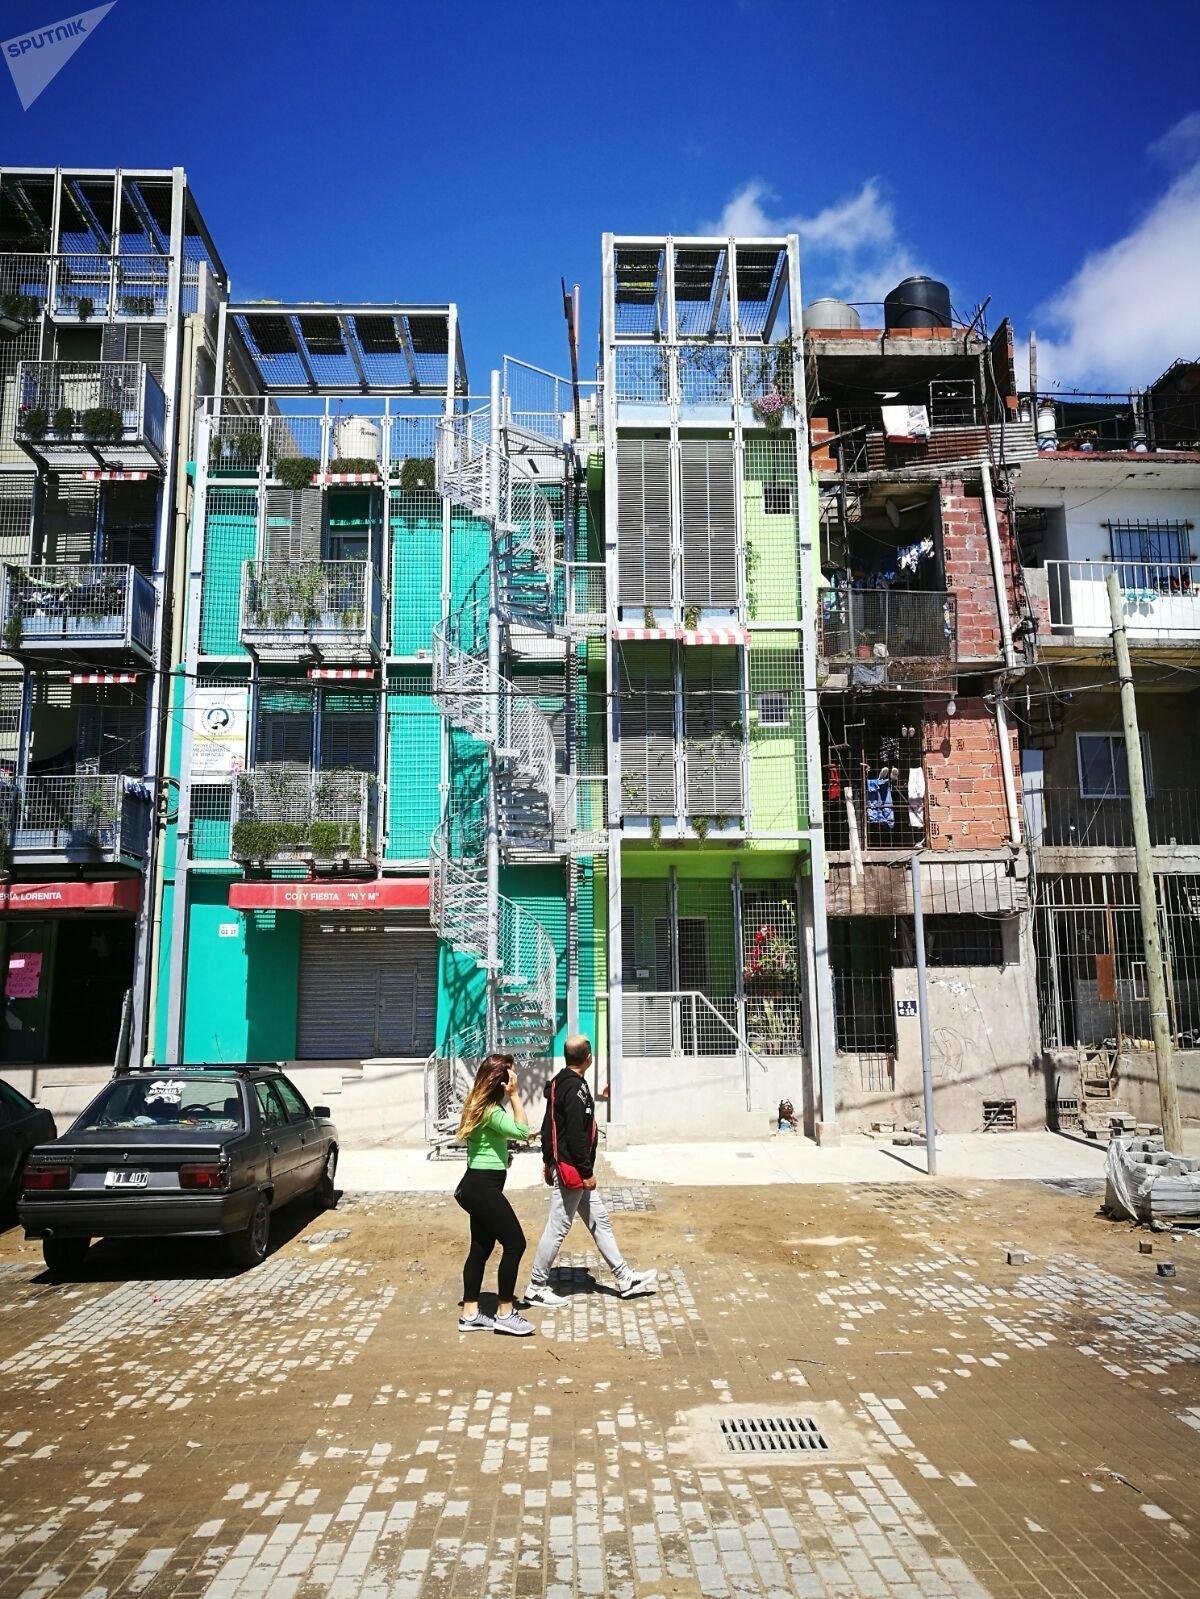 De villa 31 a barrio 31 el audaz proyecto de integraci n for Villas en buenos aires